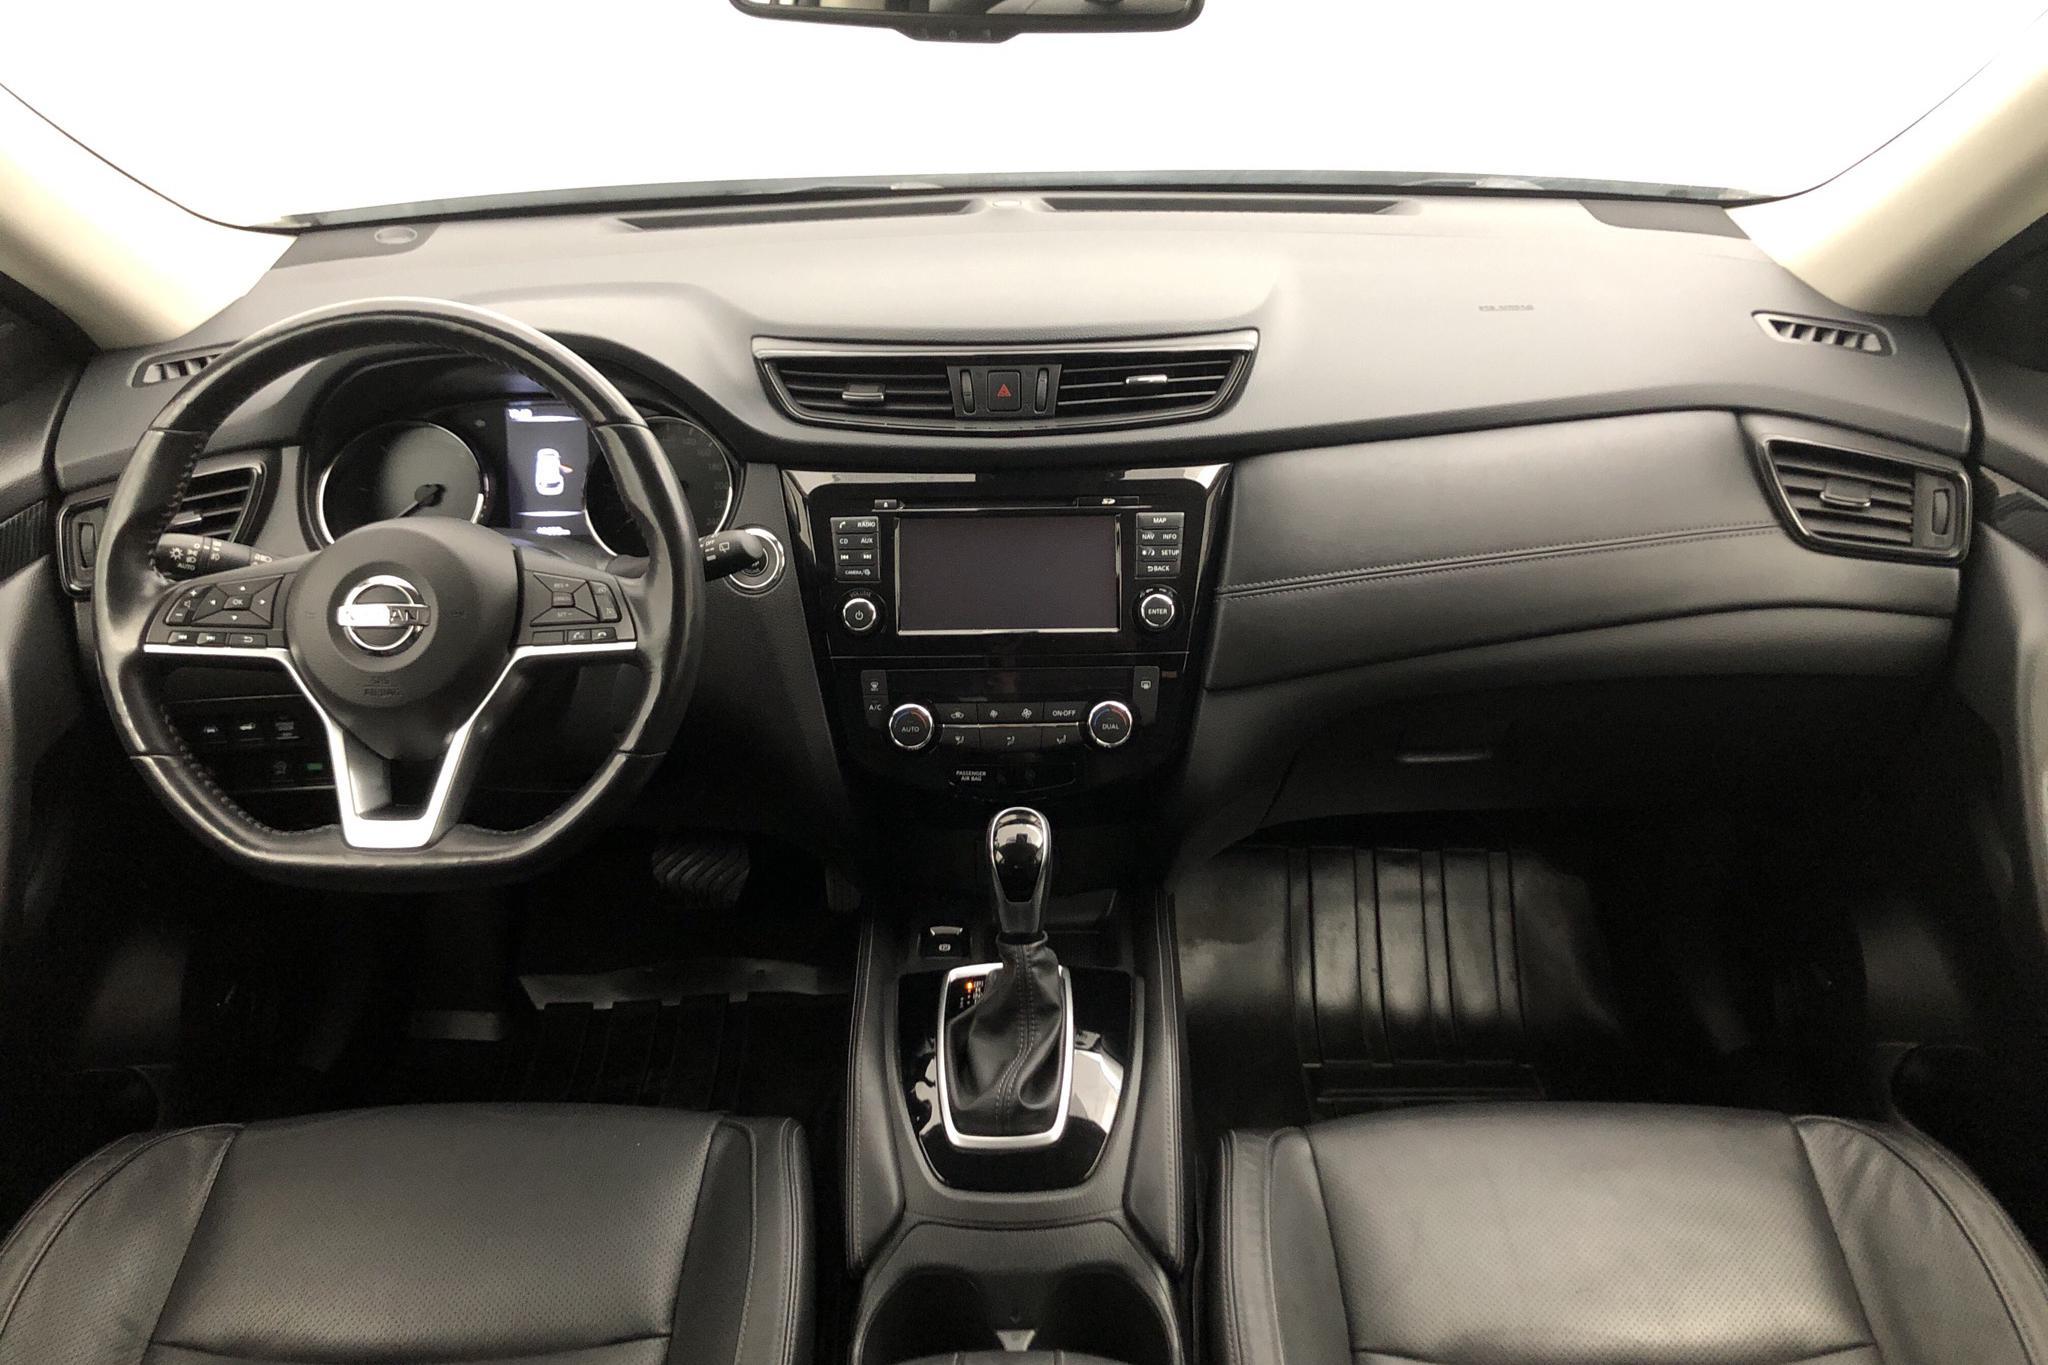 Nissan X-trail 1.6 dCi 2WD (130hk) - 4 663 mil - Automat - vit - 2017